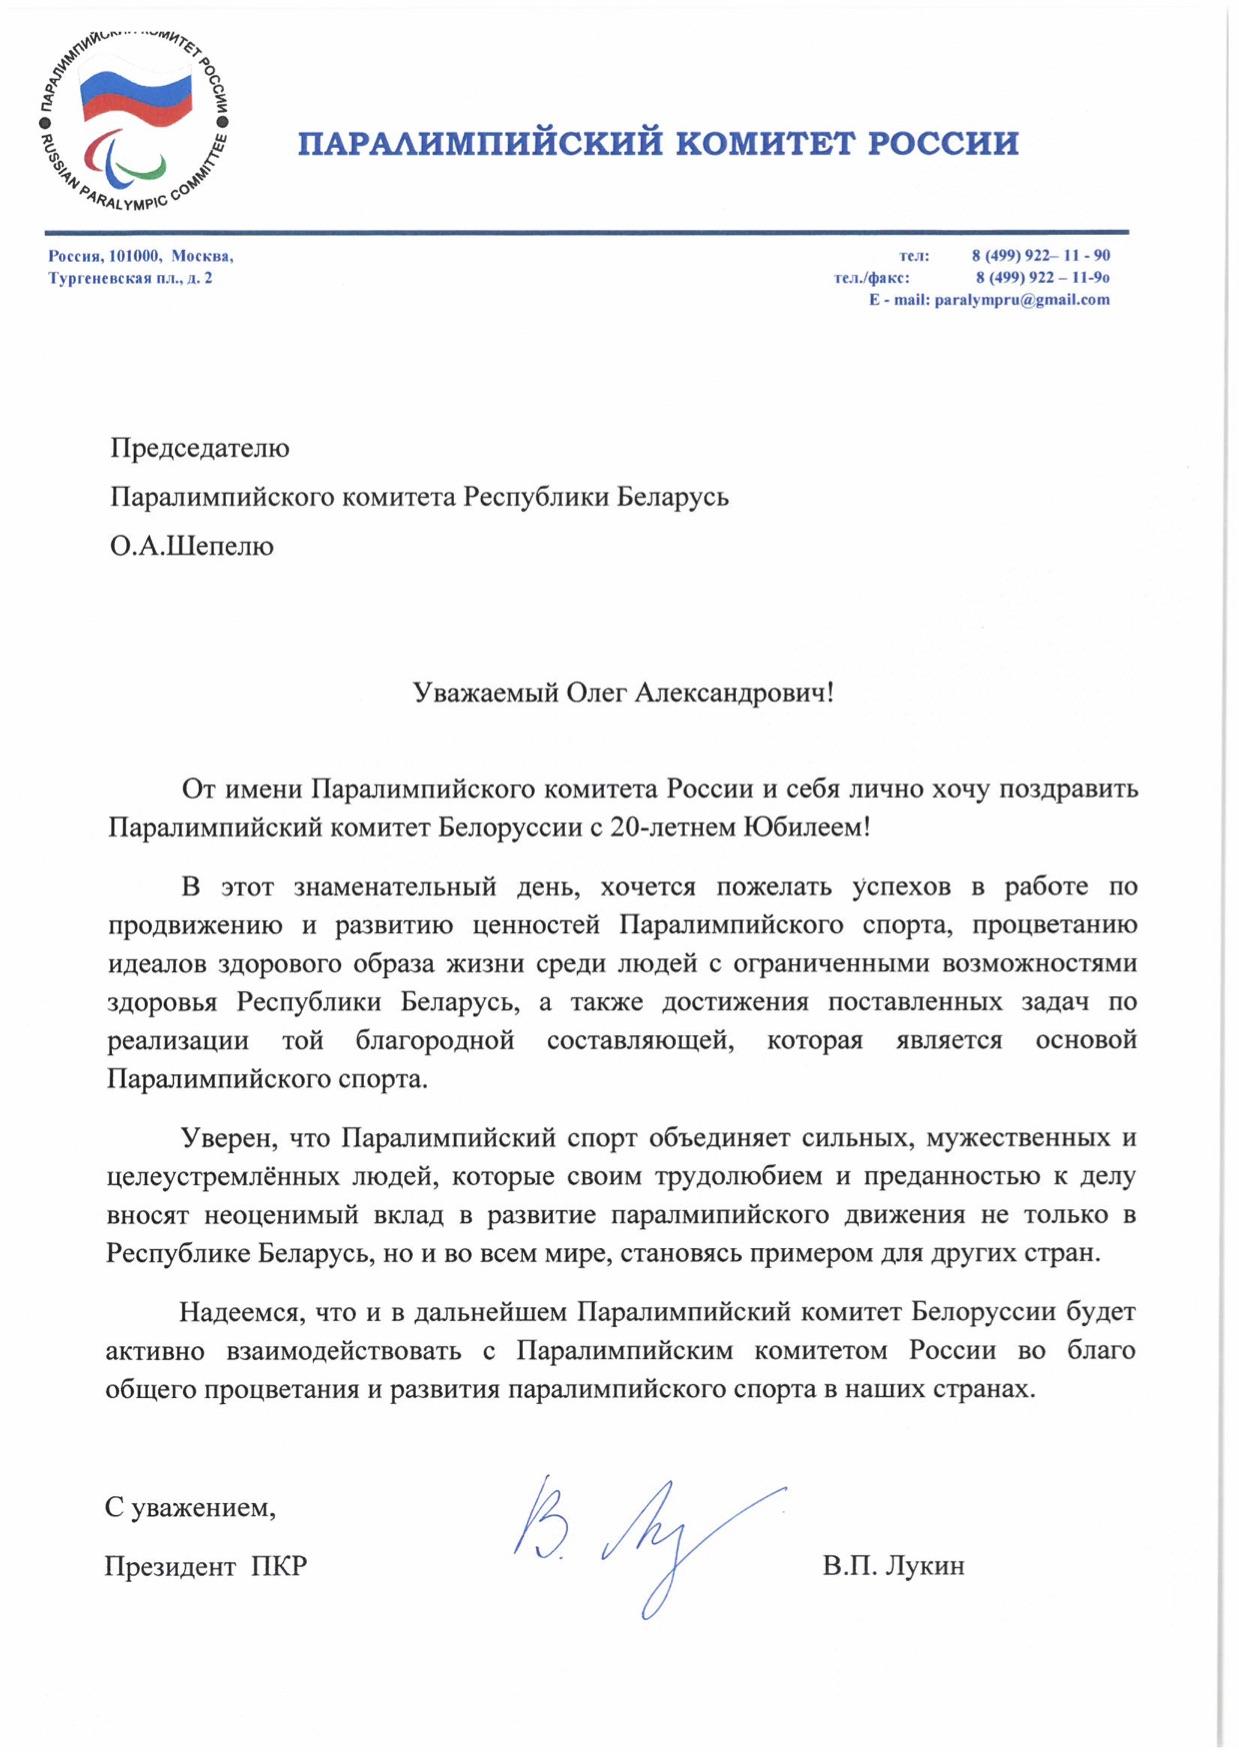 Поздравление Президента ПКР В.П.Лукина Паралимпийскому комитету Республики Беларусь в связи с 20-летием со дня образования